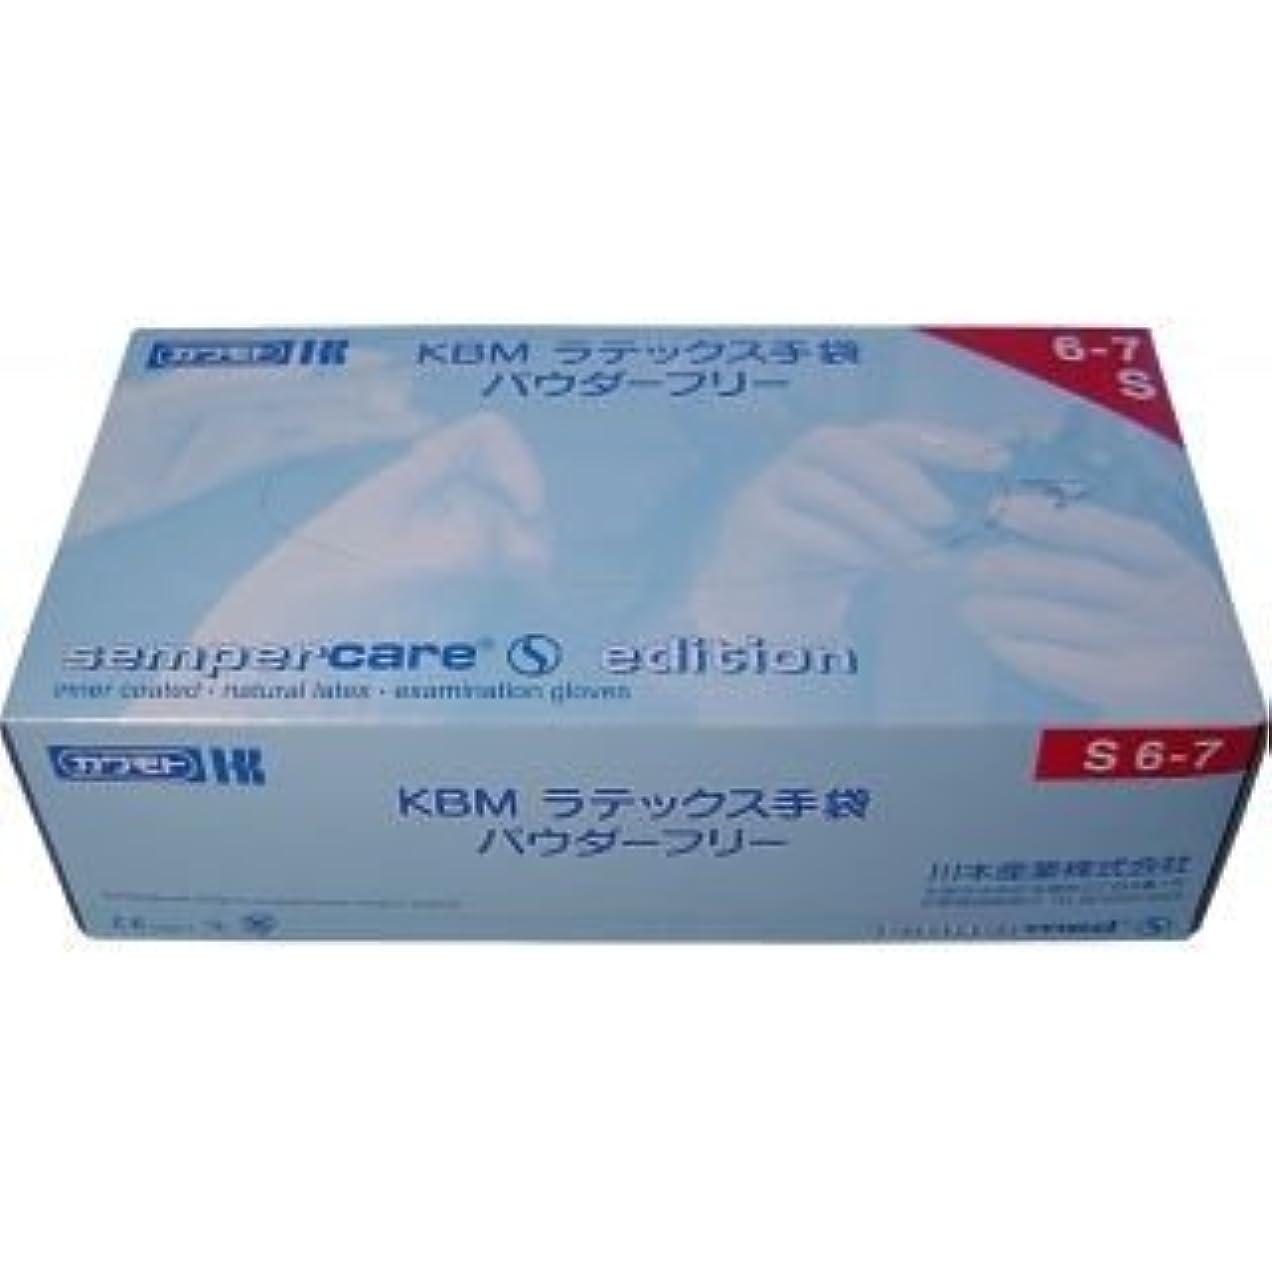 共和国方法信頼KBMラテックス手袋 パウダーフリー Sサイズ 100枚入【2個セット】